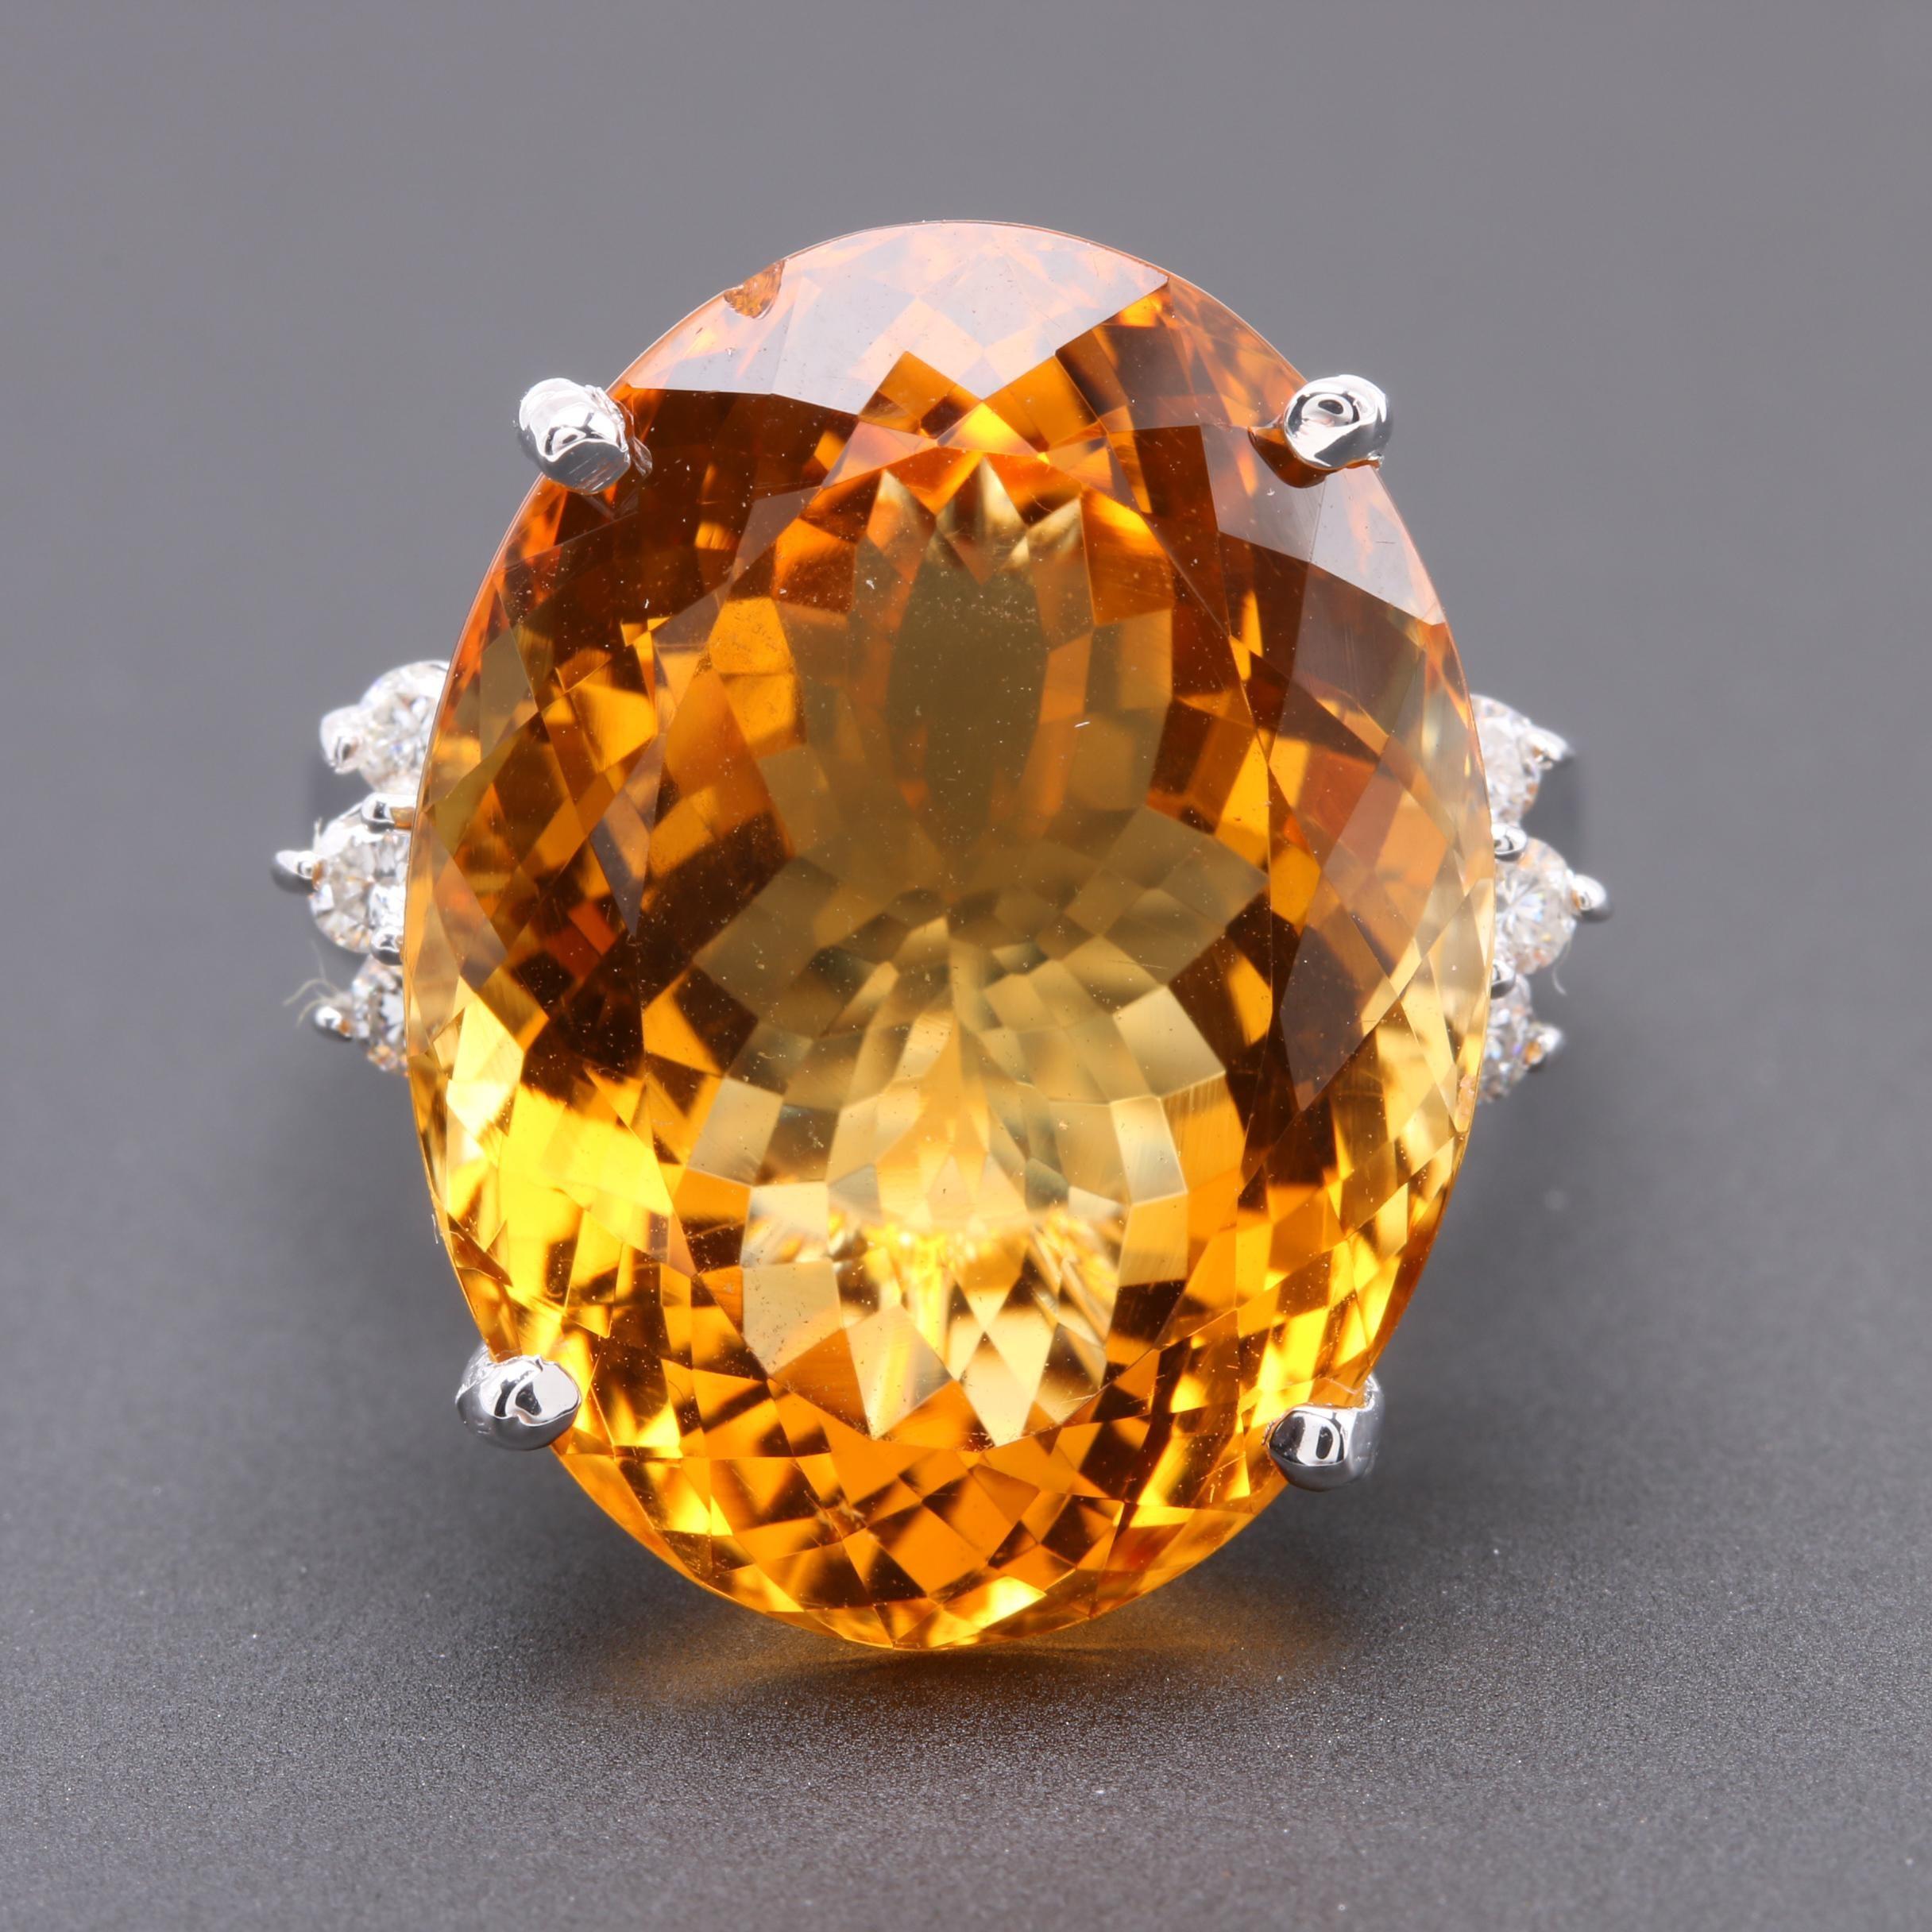 14K White Gold 22.06 CT Citrine and Diamond Statement Ring